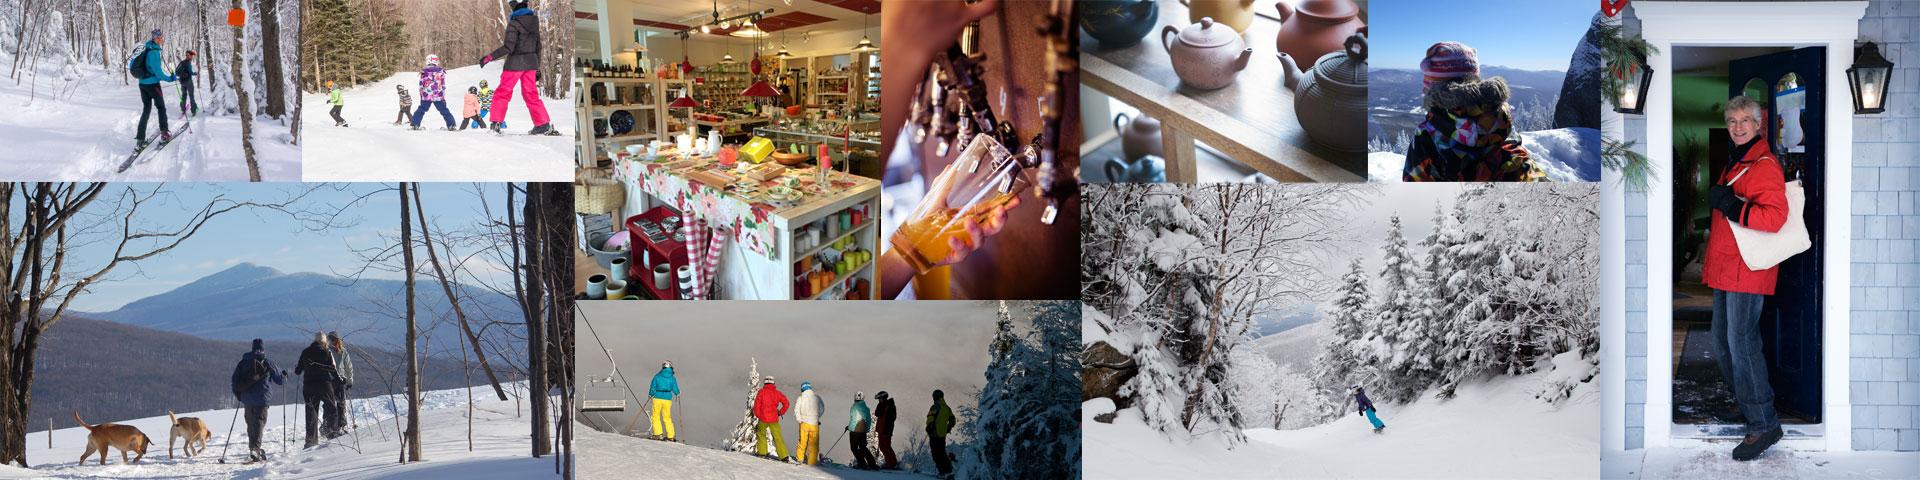 Tourisme Sutton : Quoi faire en hiver à Sutton